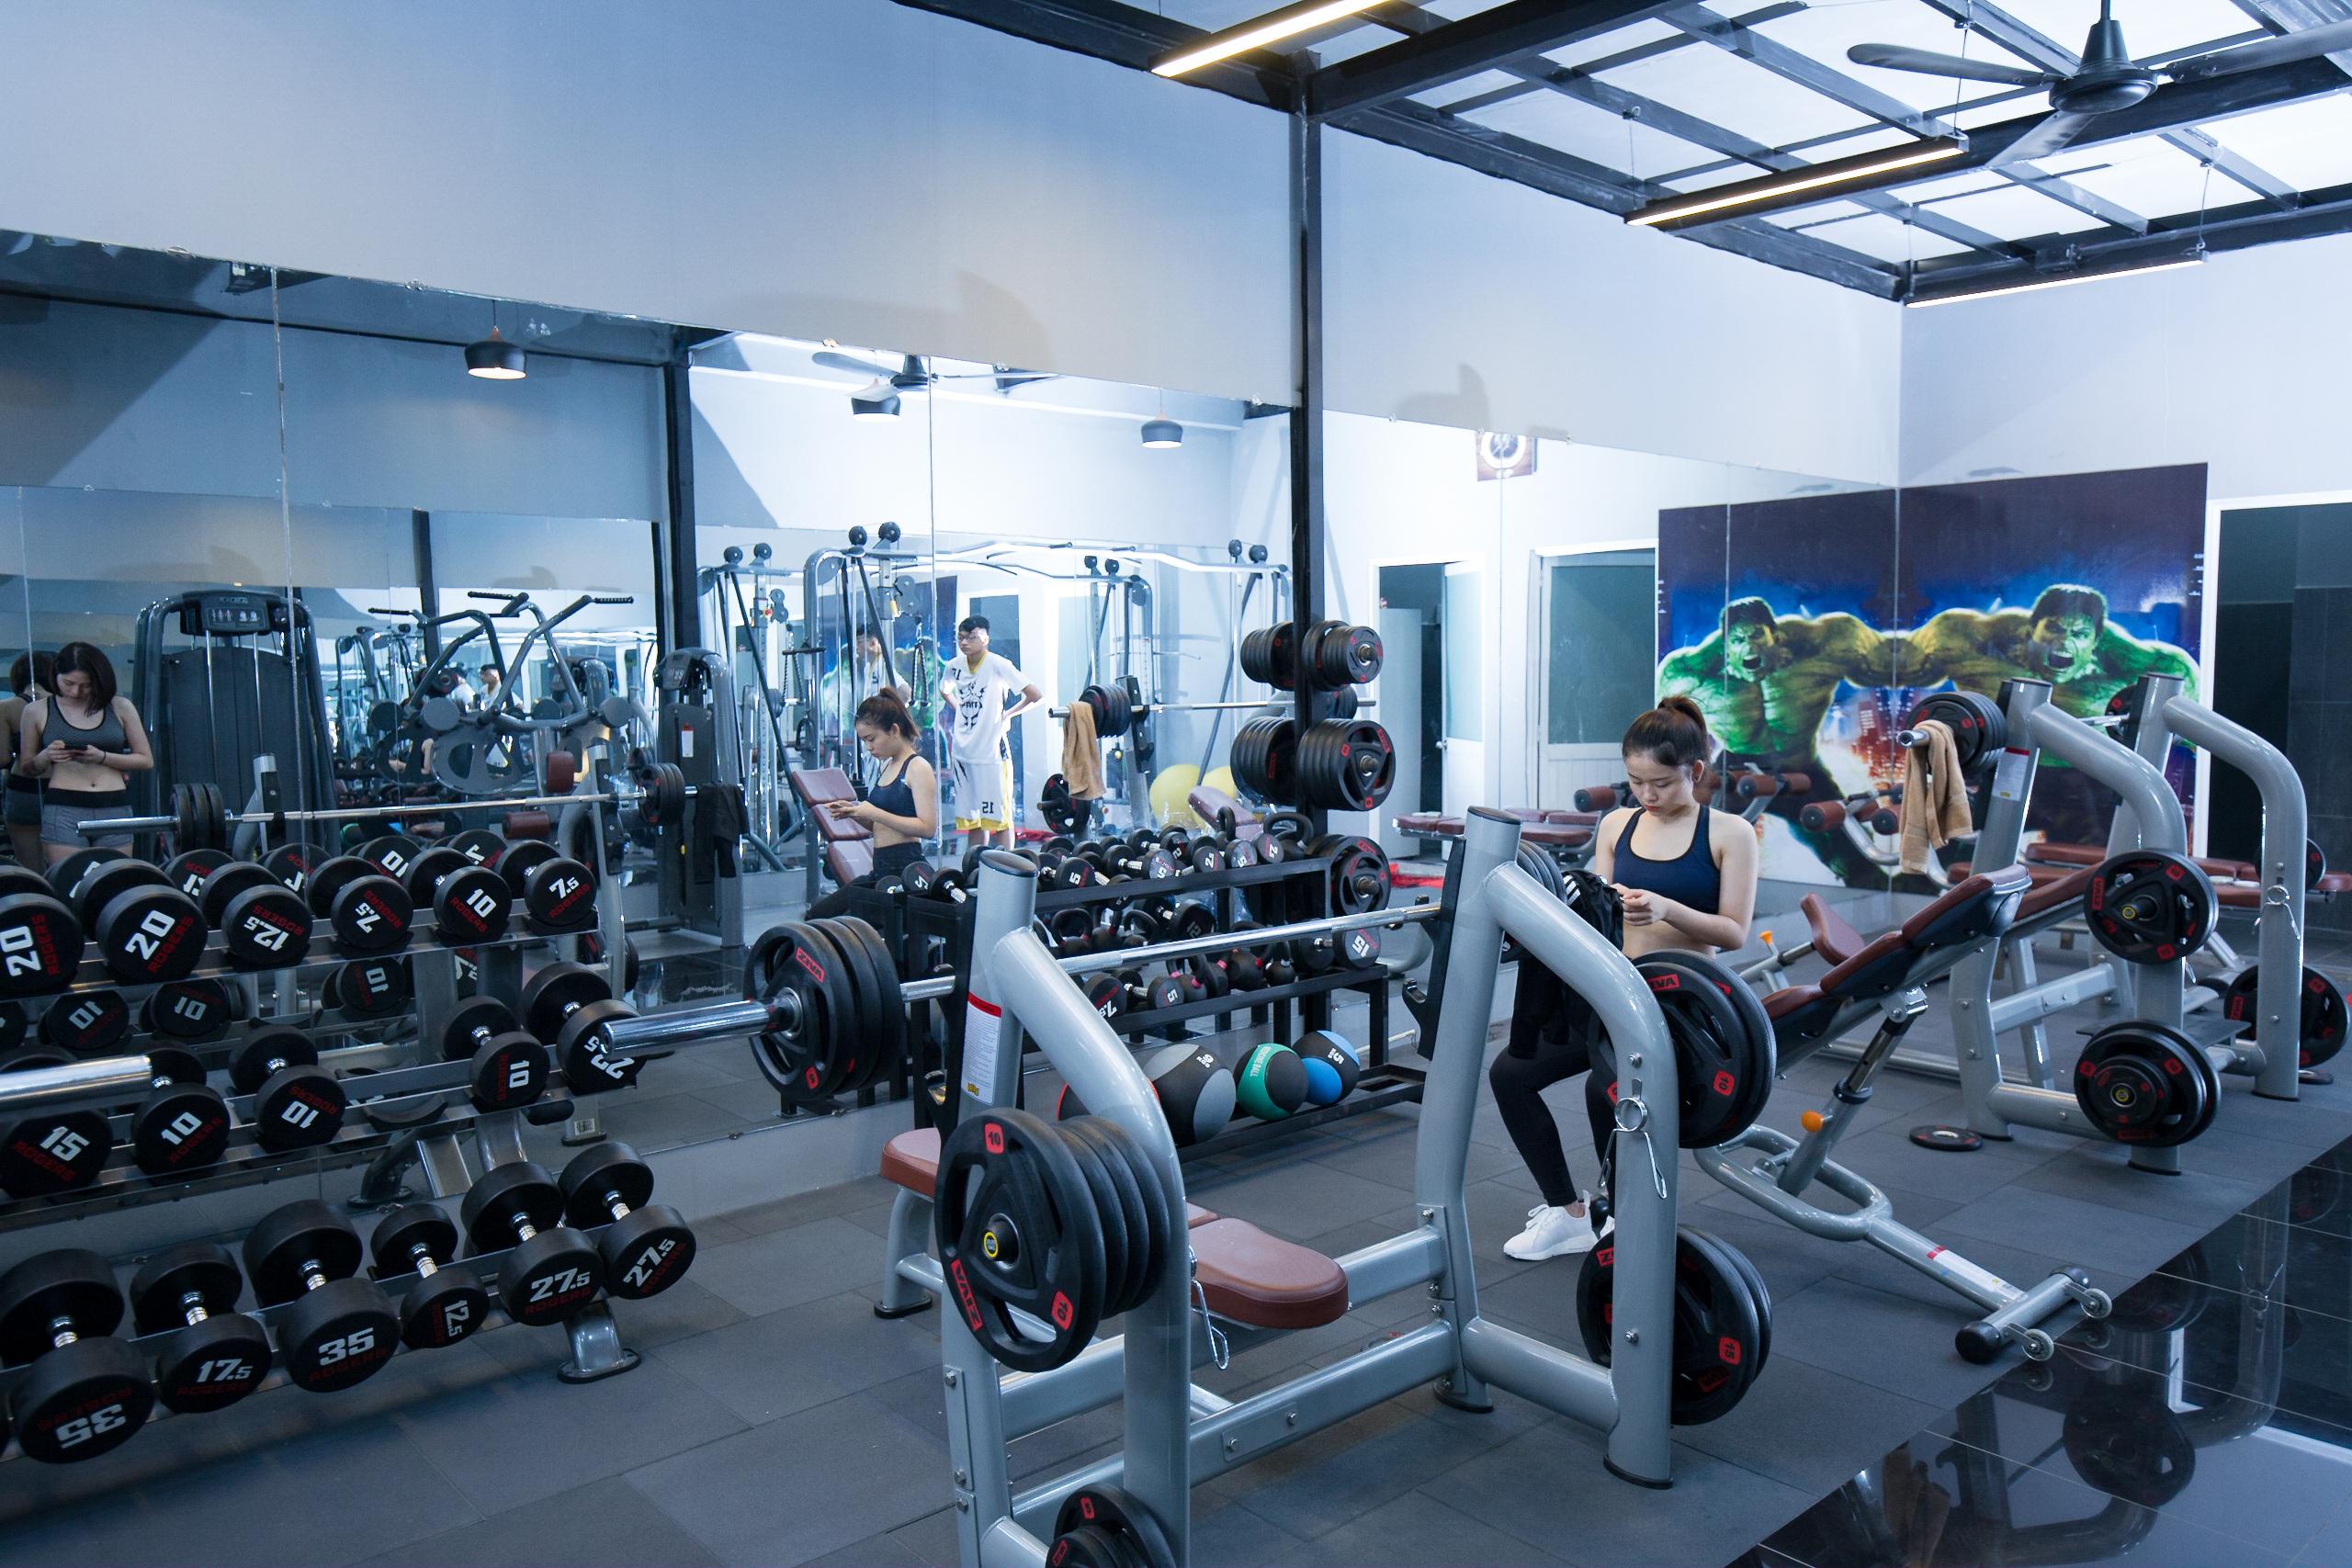 Top 10 phòng tập gym quận 8 hiệu quả, chất lượng, giá thành phù hợp - 9